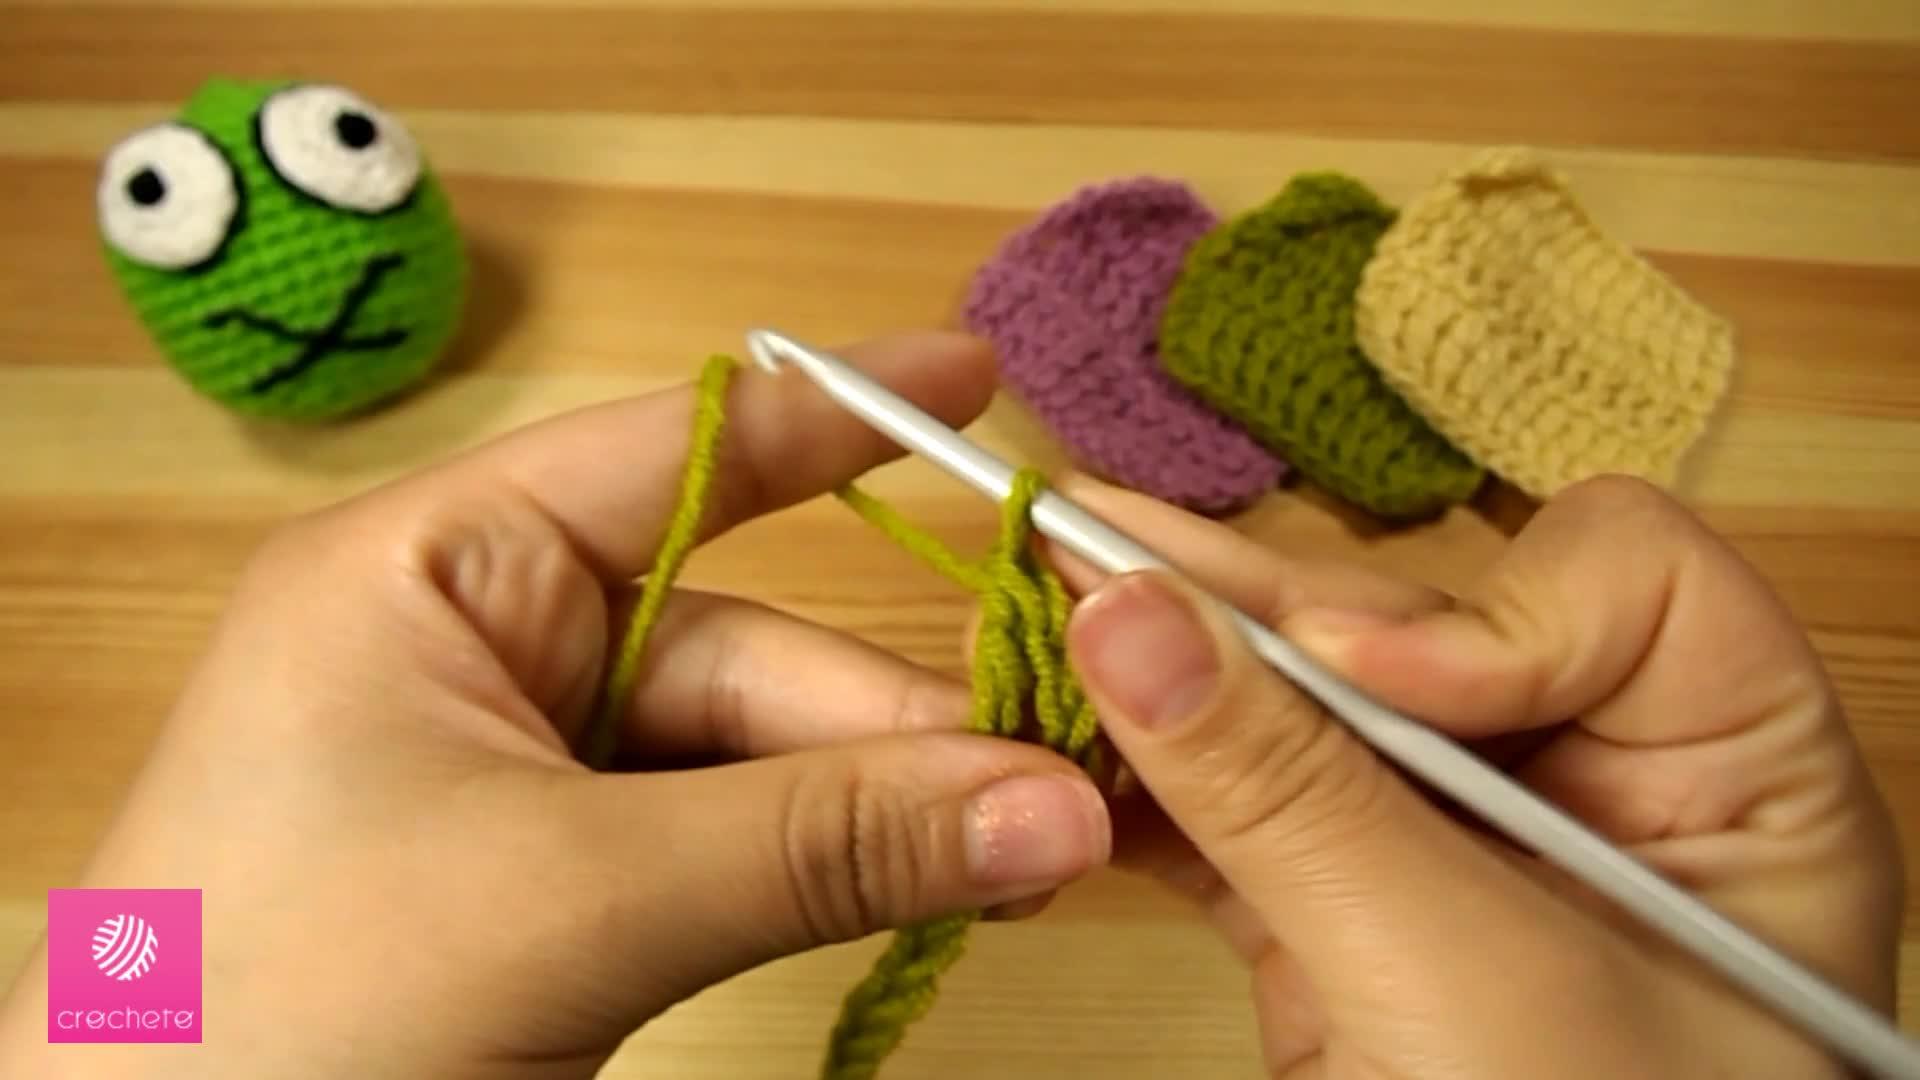 تعليم الكروشيه : غرزة العمود بلفتين - Learn how to Crochet for beginners: Treble Crochet Stitch